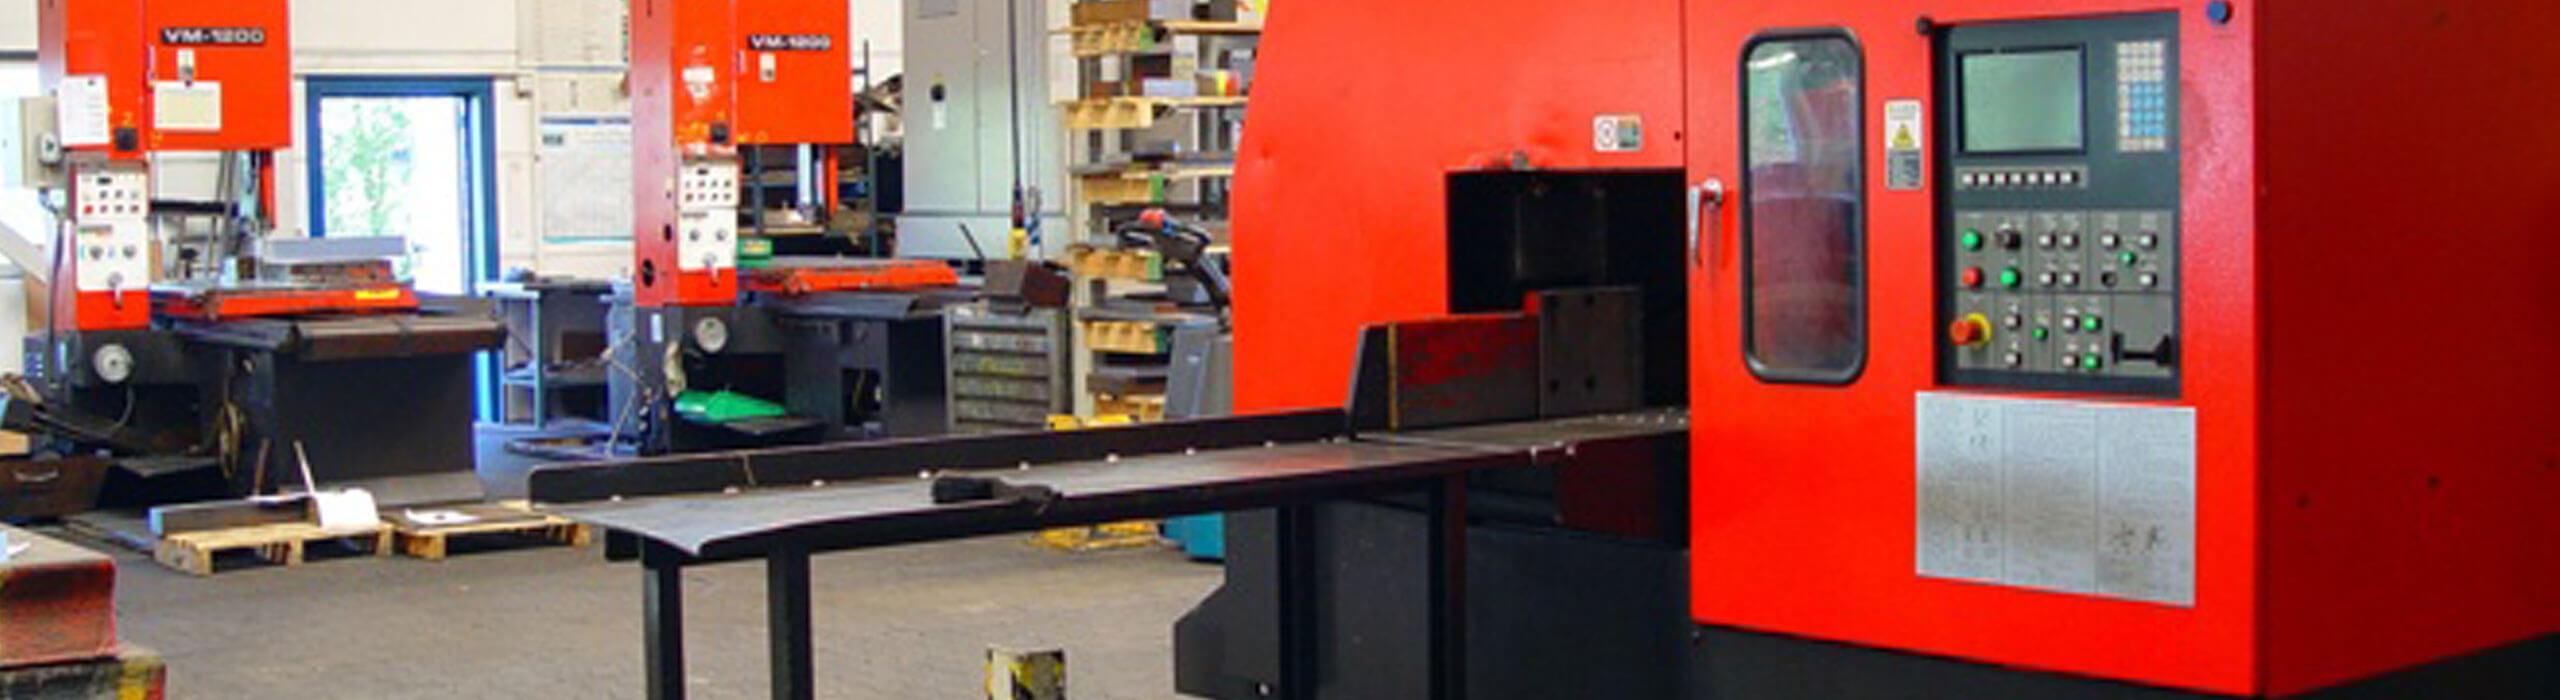 RSB-Stahl-Fertigungsleistungen-Maschinenbau_Werkzeugbau-Saegebetrieb-1